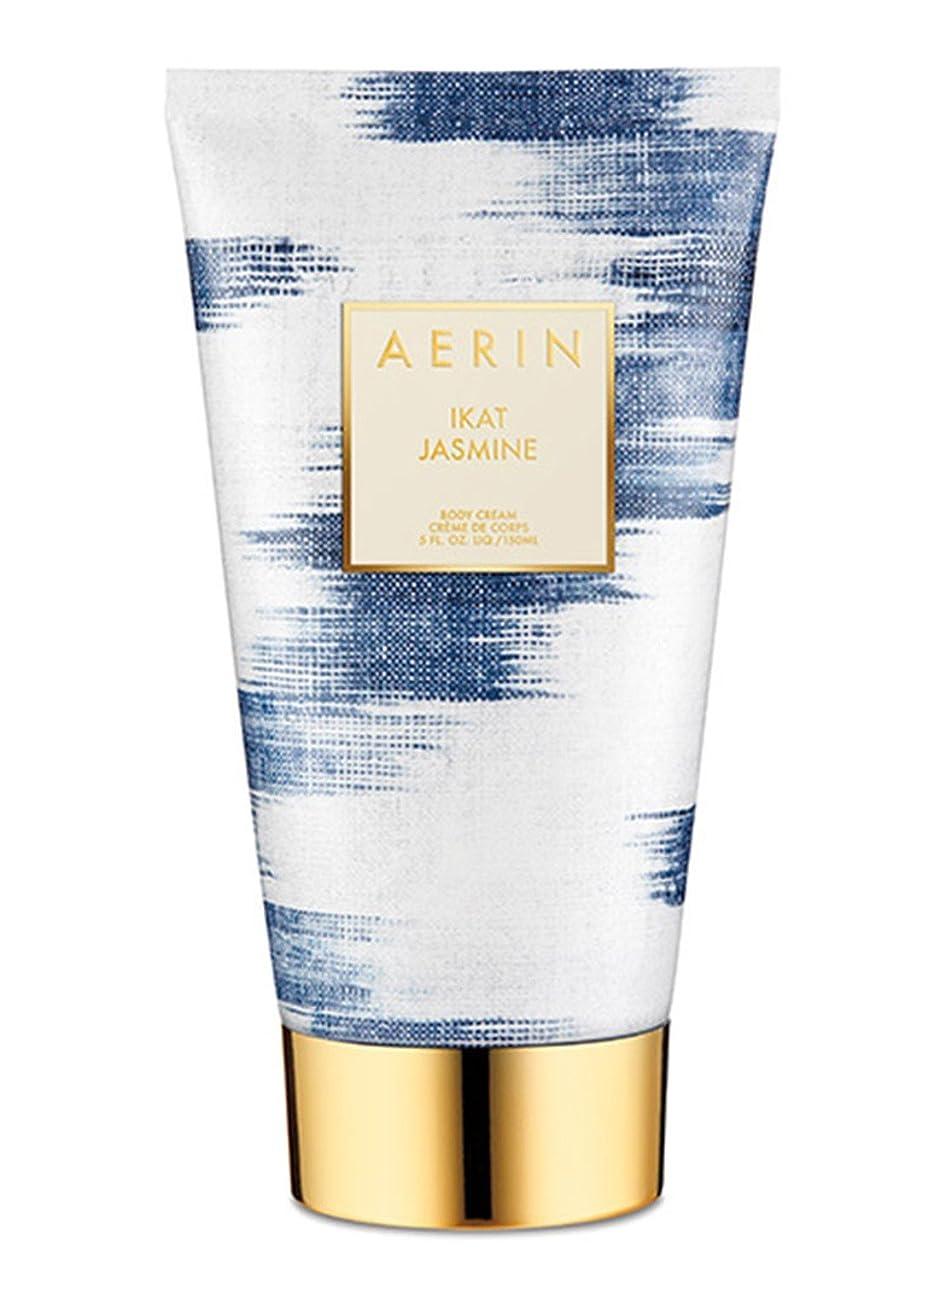 影響実証するステンレスAERIN 'Ikat Jasmine' (アエリン イカ ジャスミン) 5.0 oz (150ml) Body Cream by Estee Lauder for Women